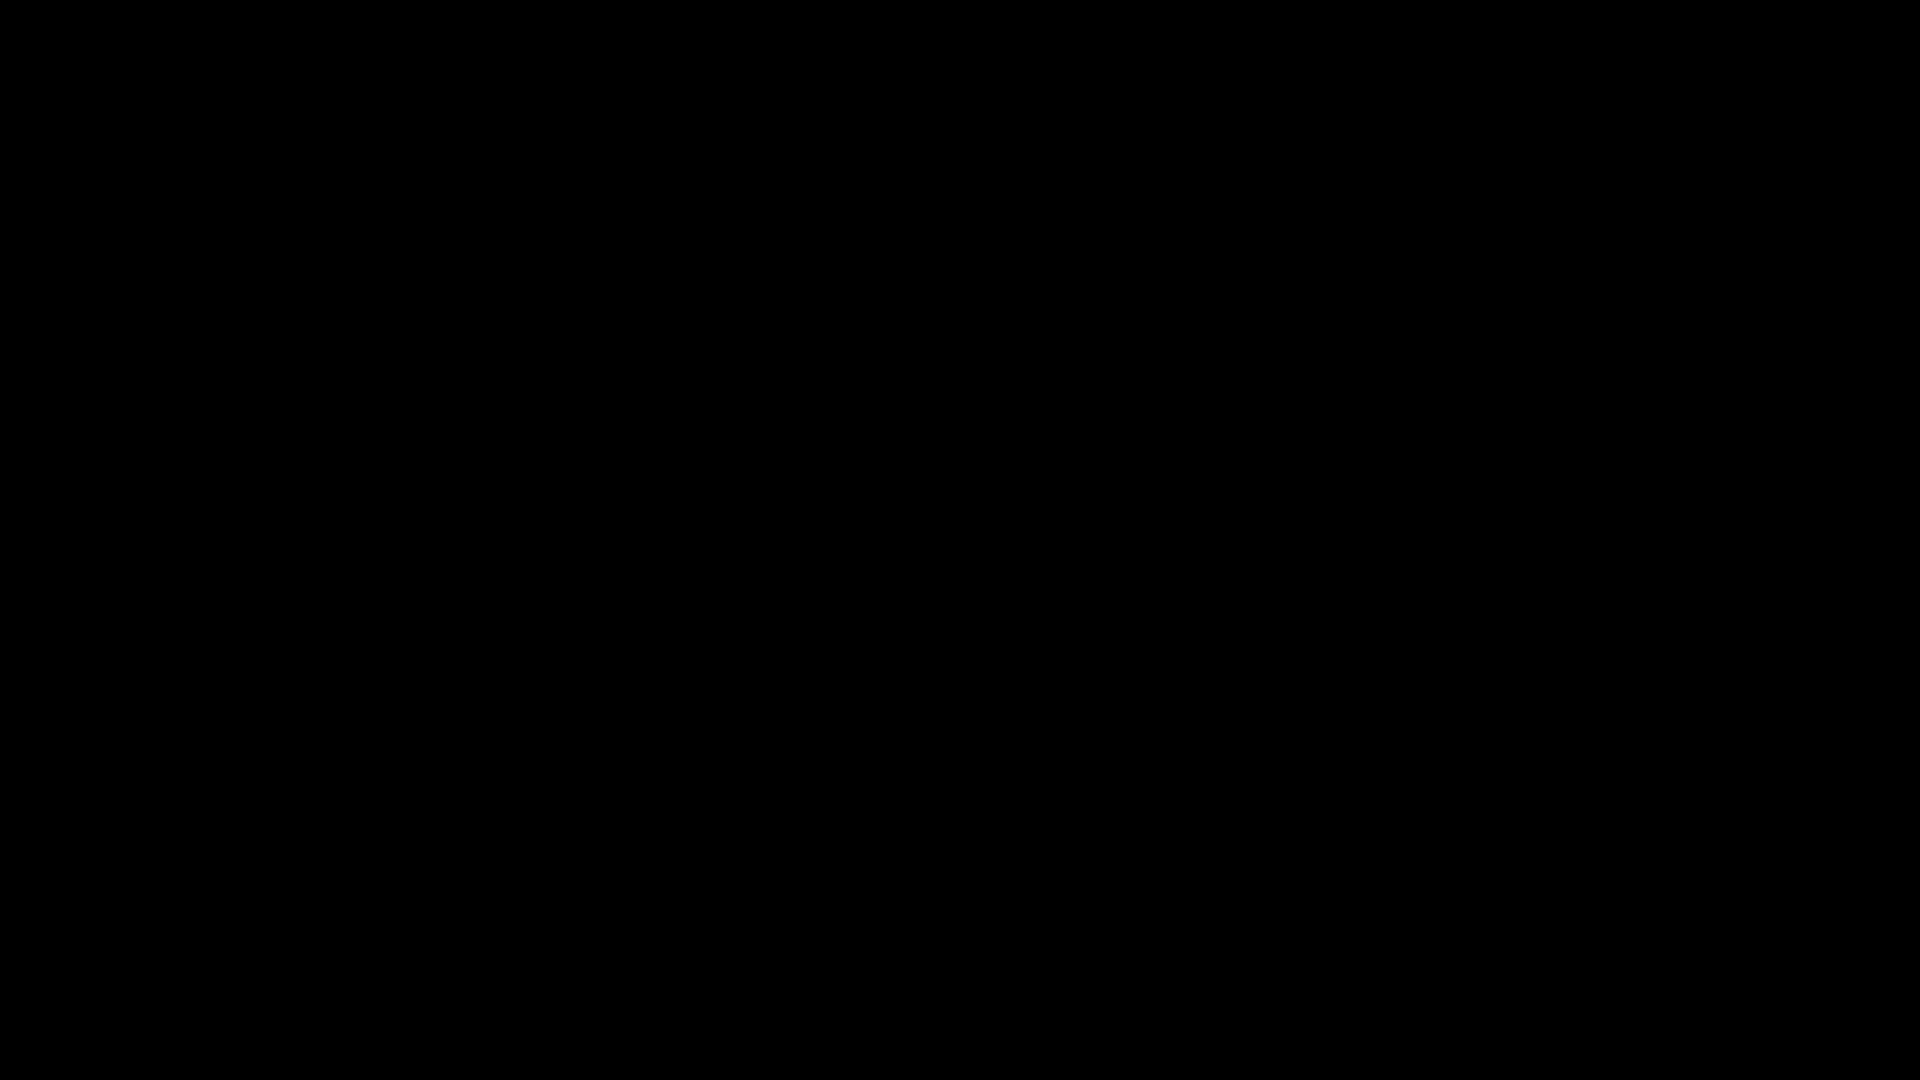 ~厳選!素人イケメン~俺のオナニズムⅡVol.10 イケメンズ ゲイヌード画像 86枚 70